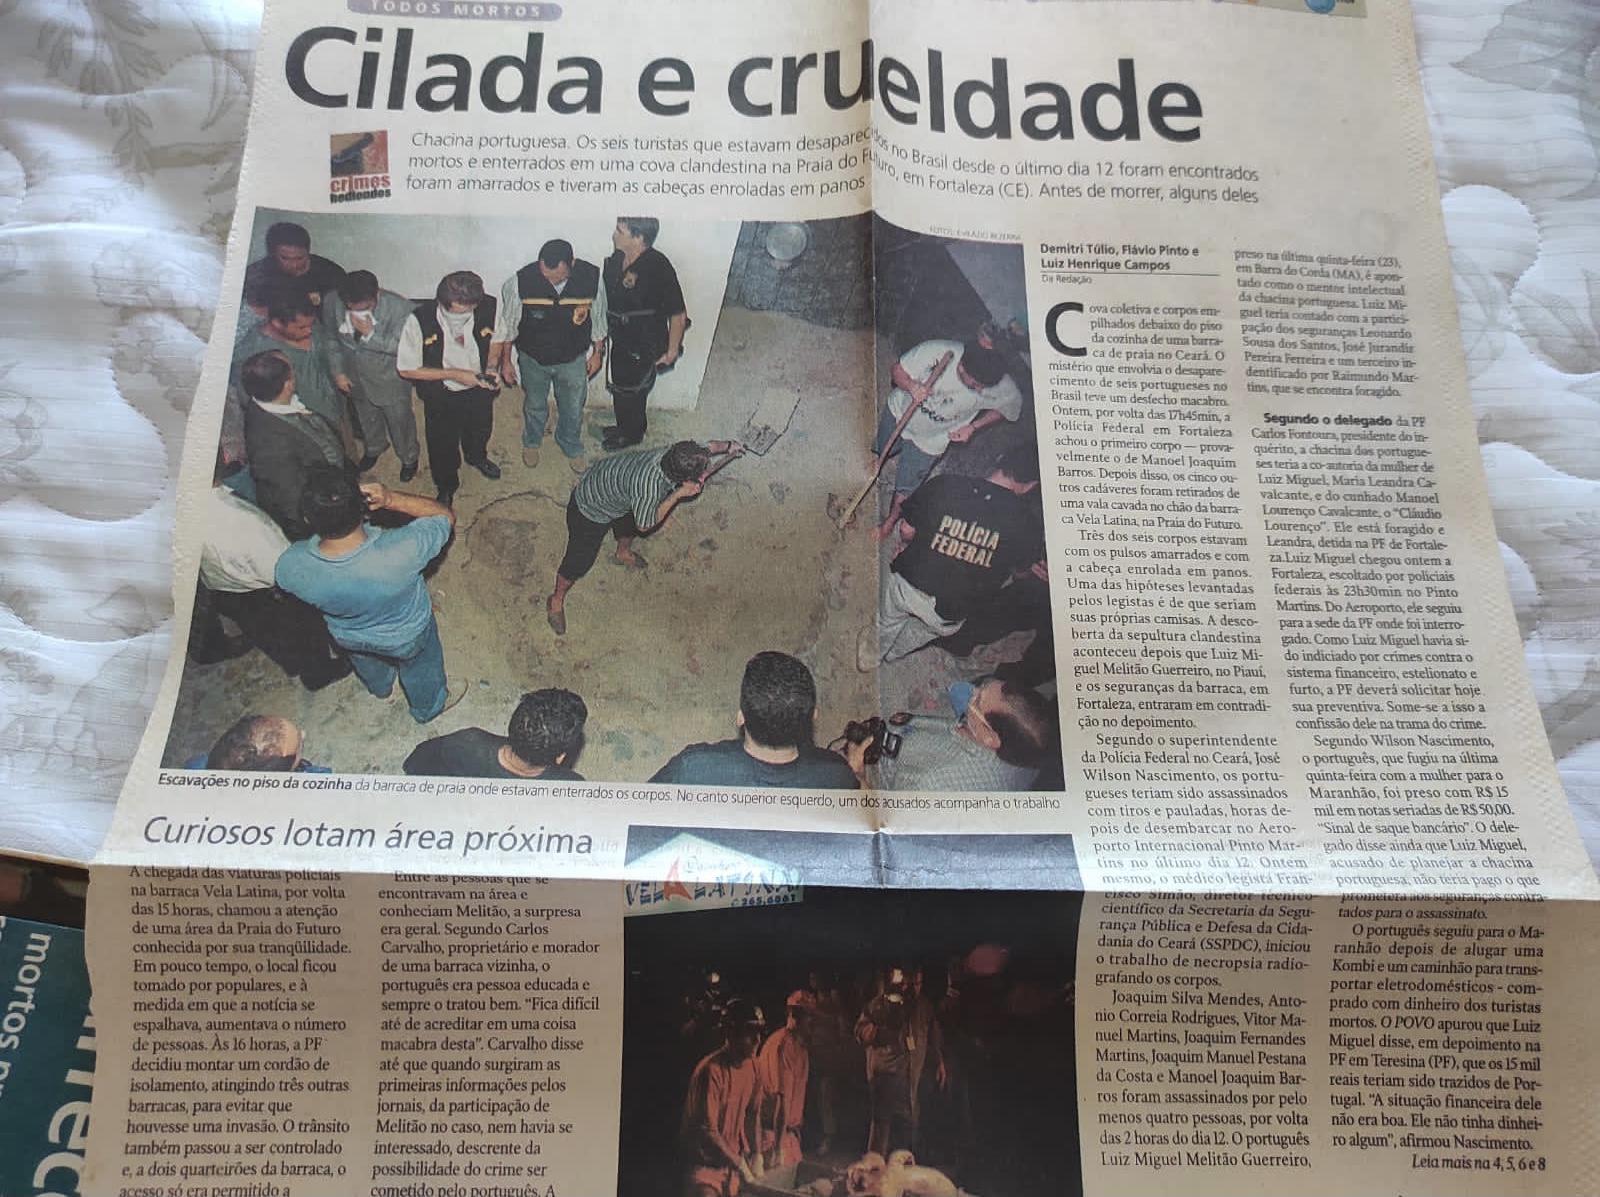 Capa do Jornal O POVO sobre a morte de seis portugueses em Fortaleza